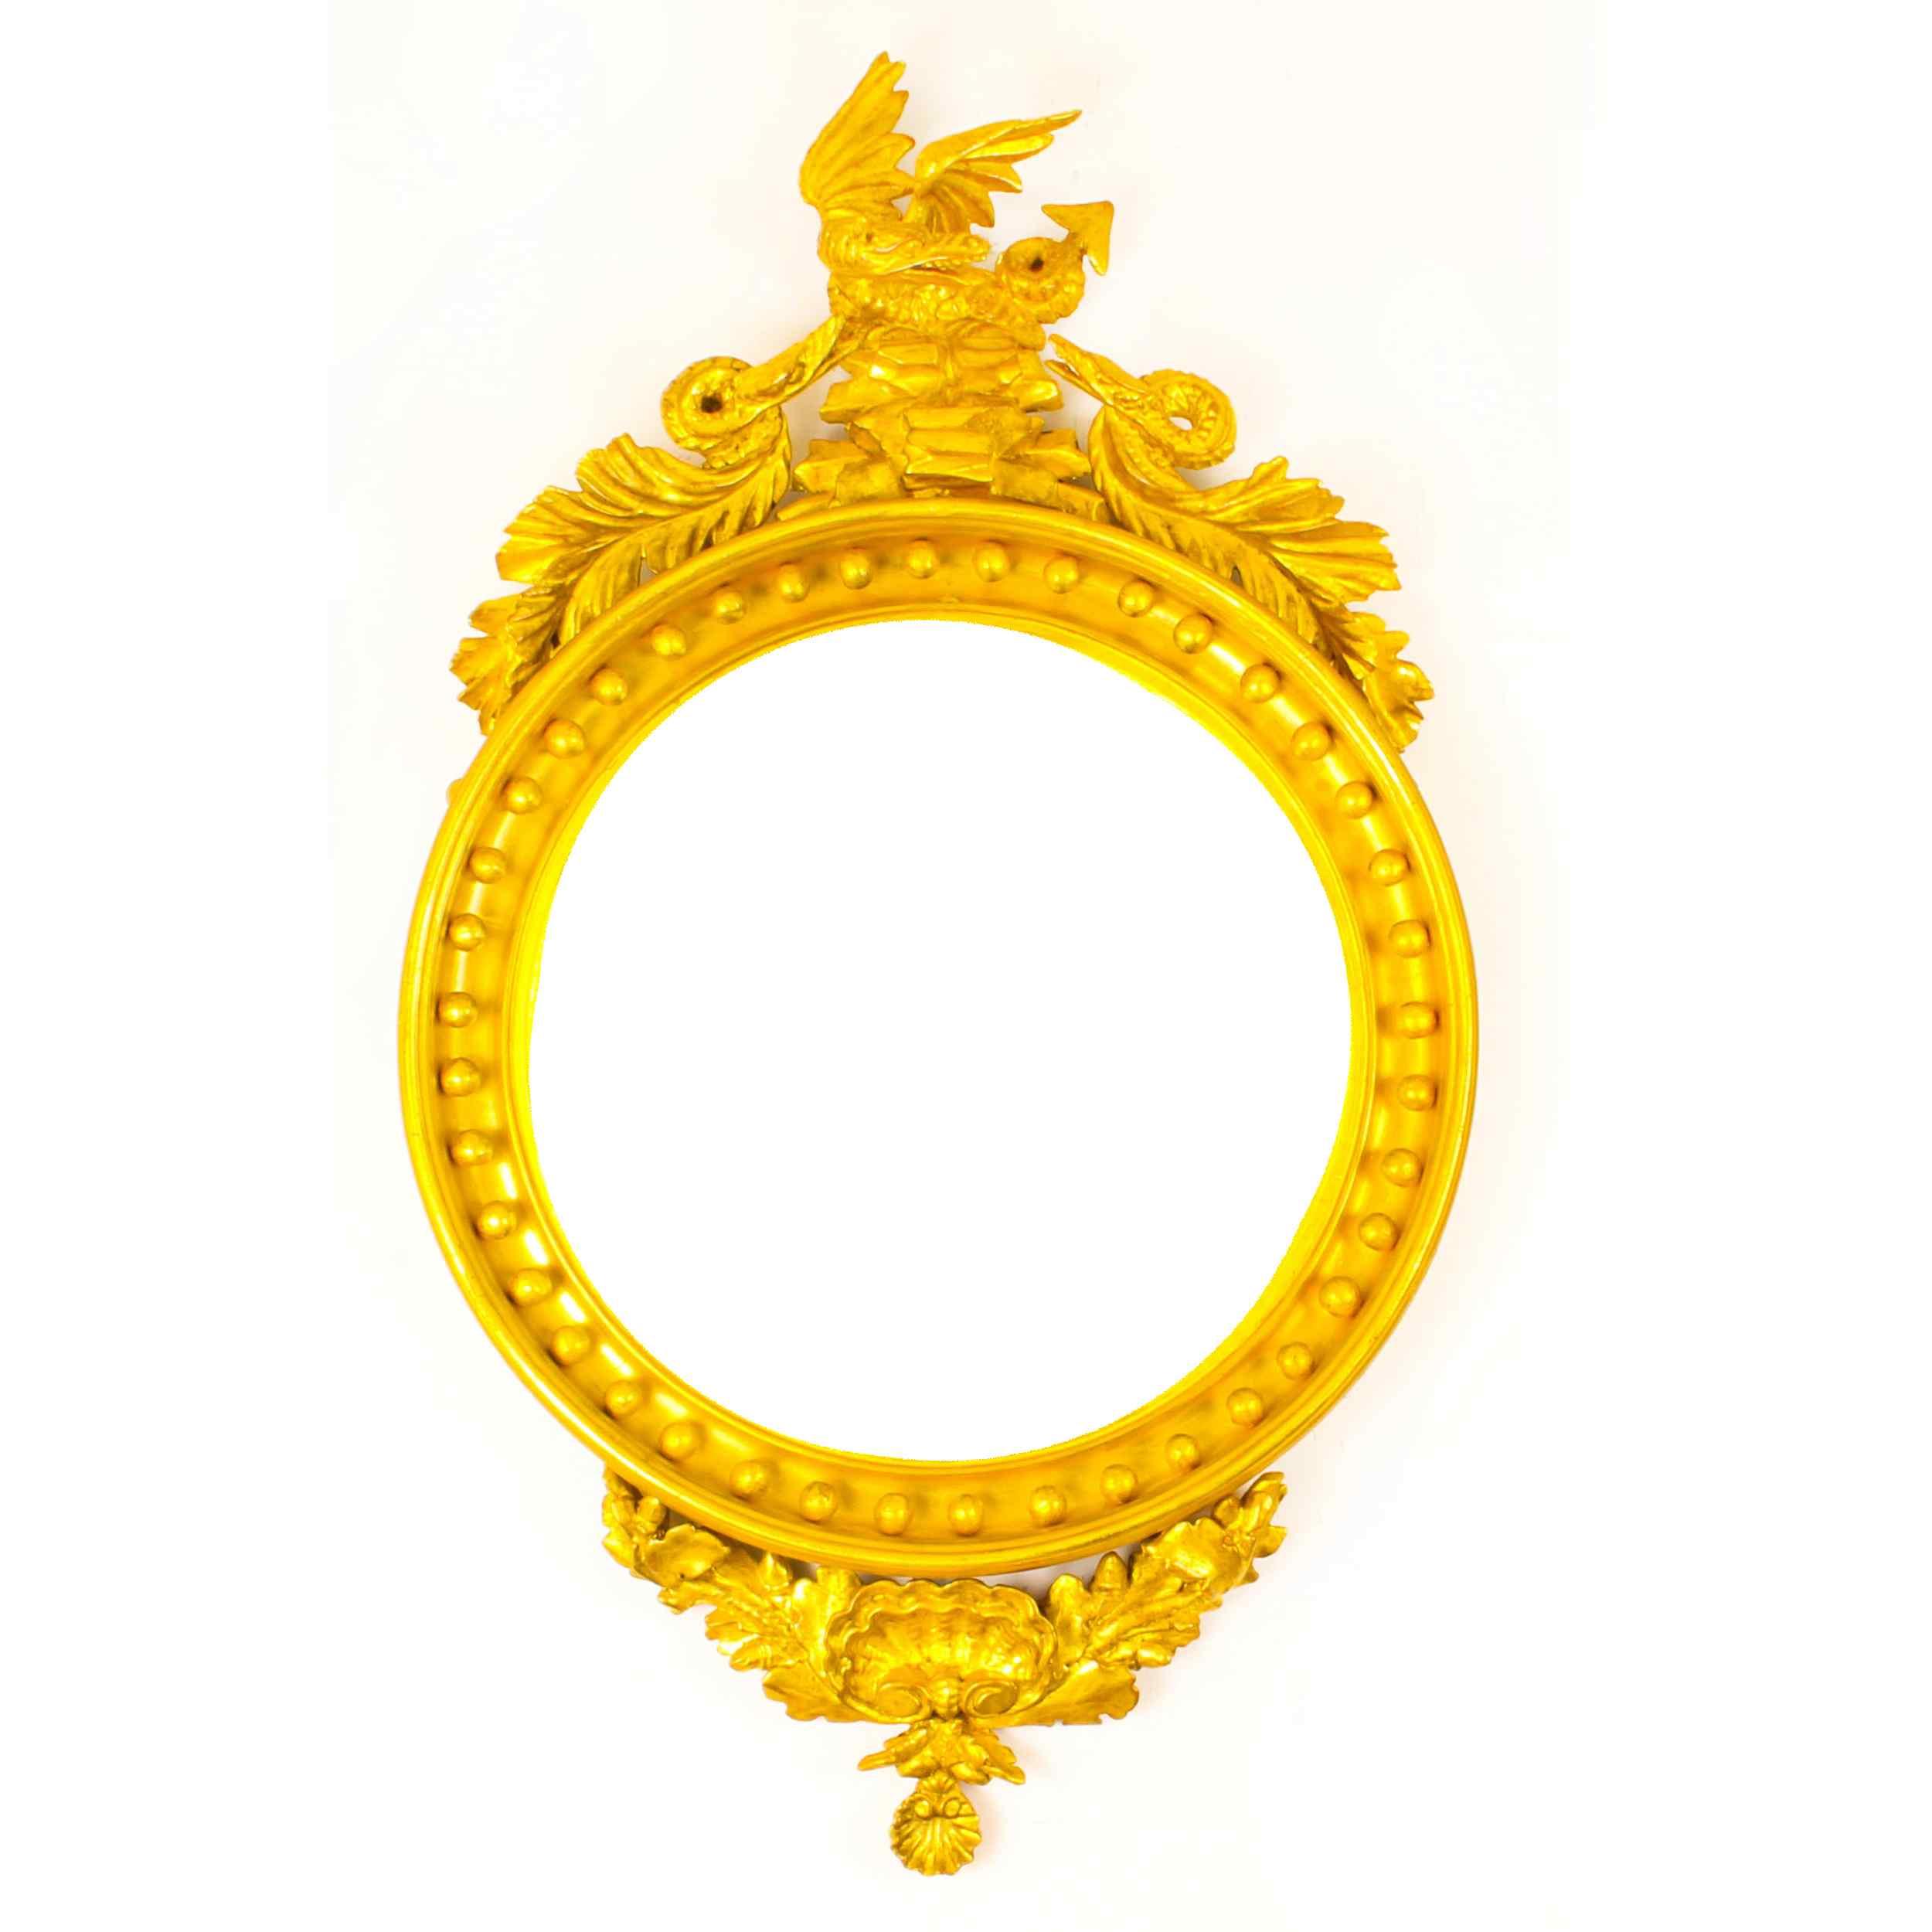 Specchio convesso antico regency inglese dorato del XIX seco